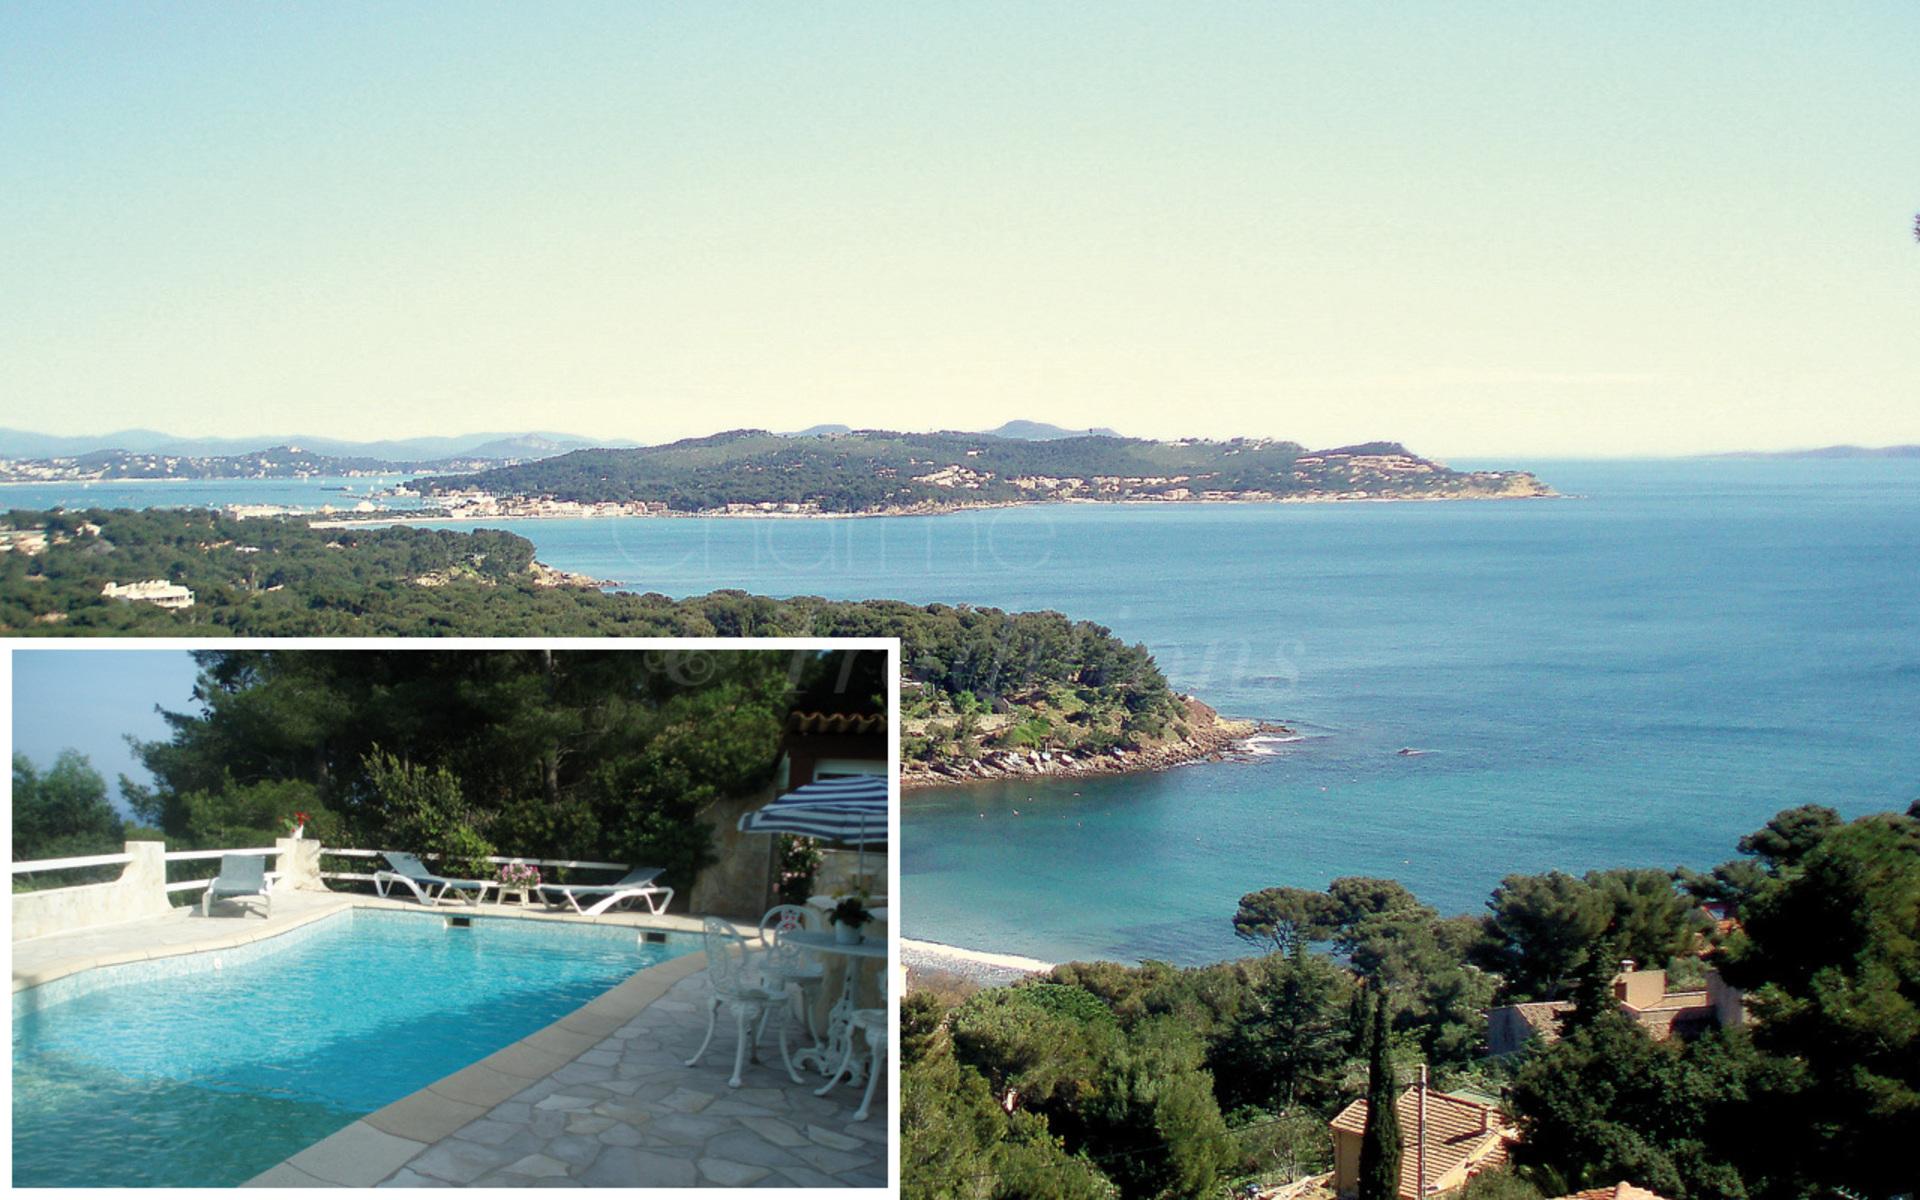 Villa fabregas chambre d 39 hote la seyne sur mer var - Chambres d hotes la villa alienor ...